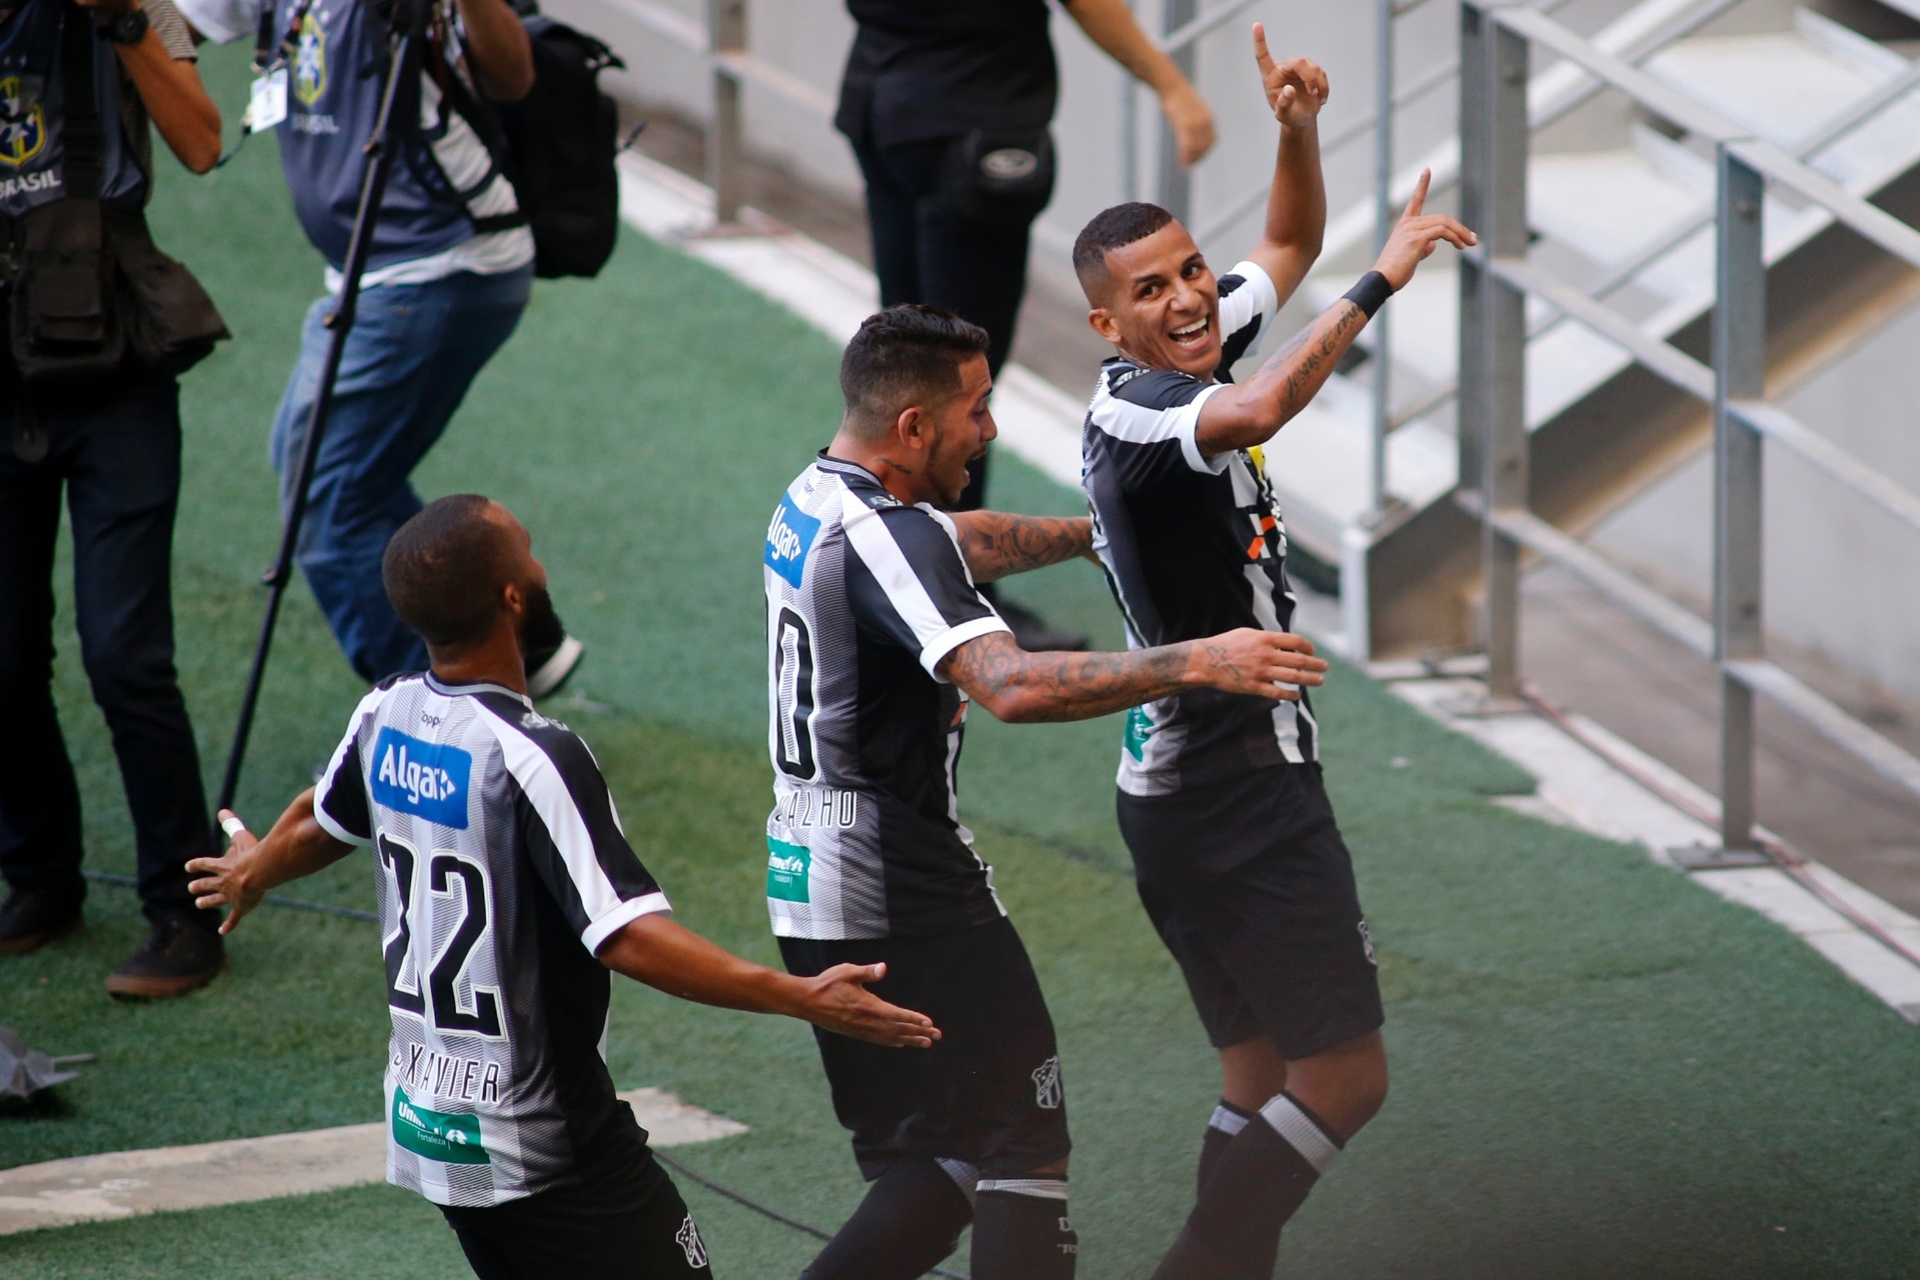 Ceará bate Vitória no Castelão e dorme fora da zona de rebaixamento -  15 09 2018 - UOL Esporte 7c0e1f18202a5